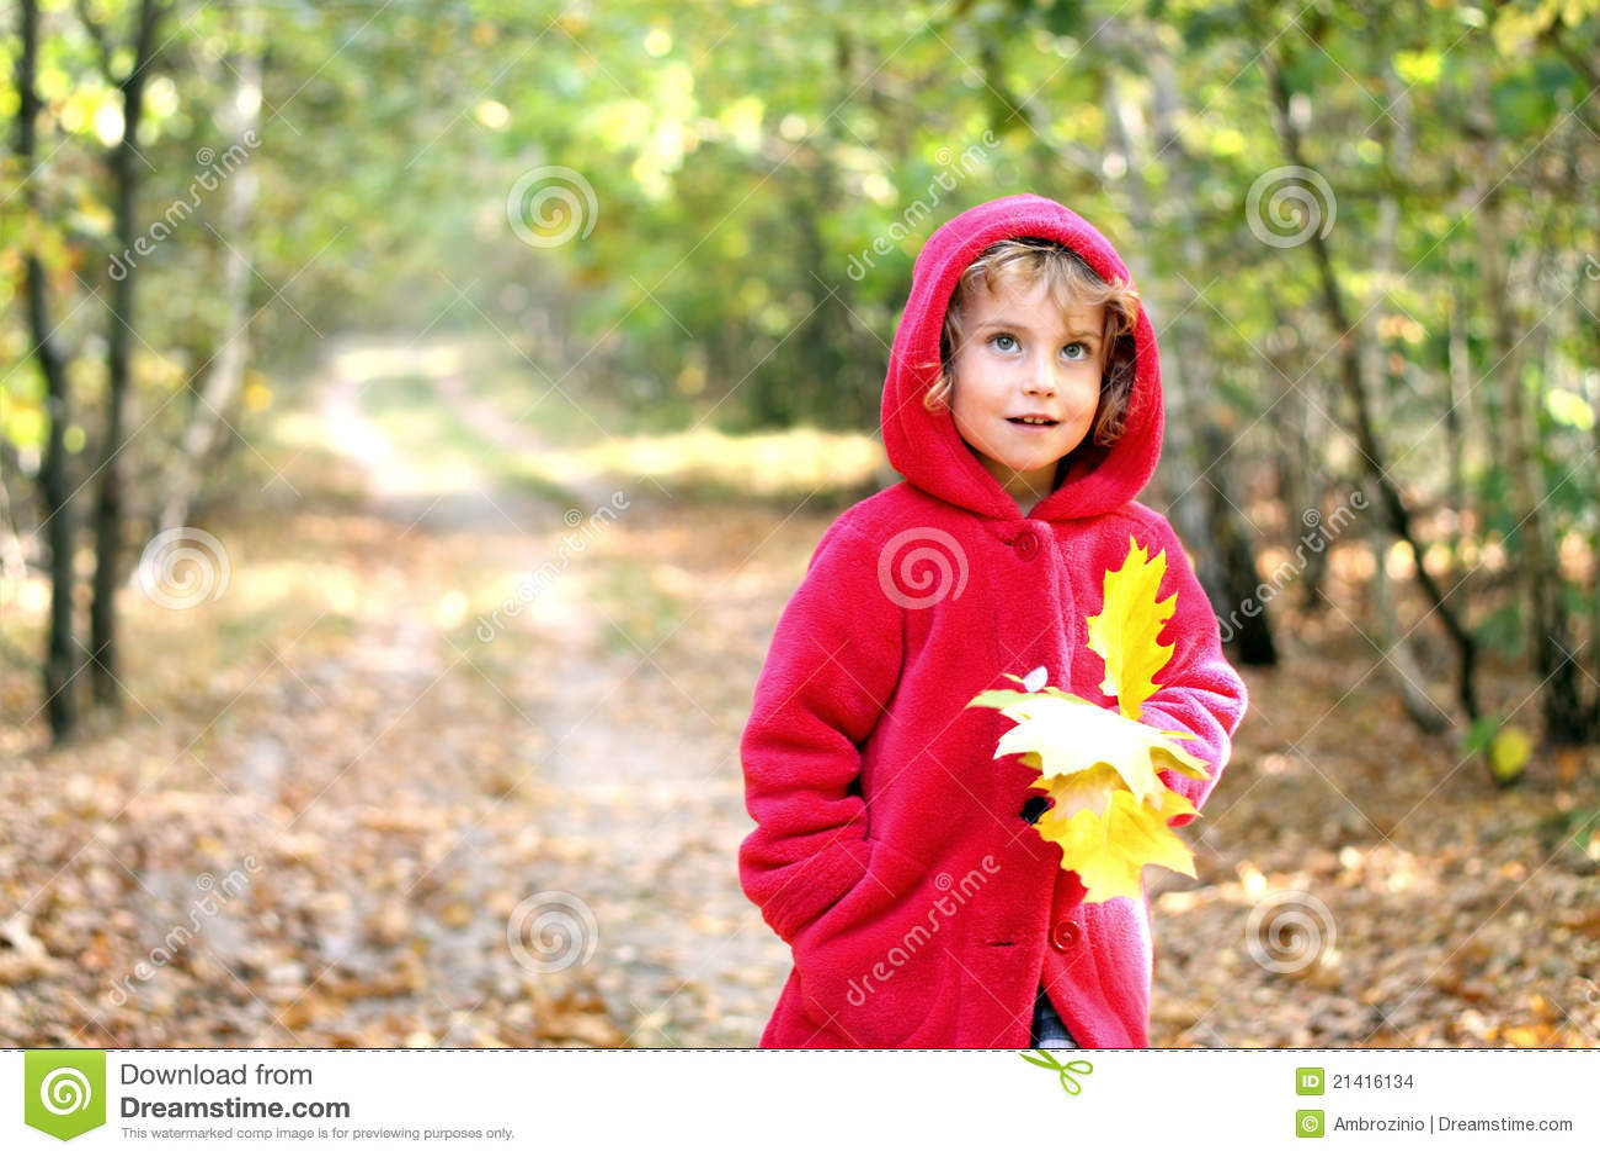 Ragazza di autunno in un cappuccio rosso